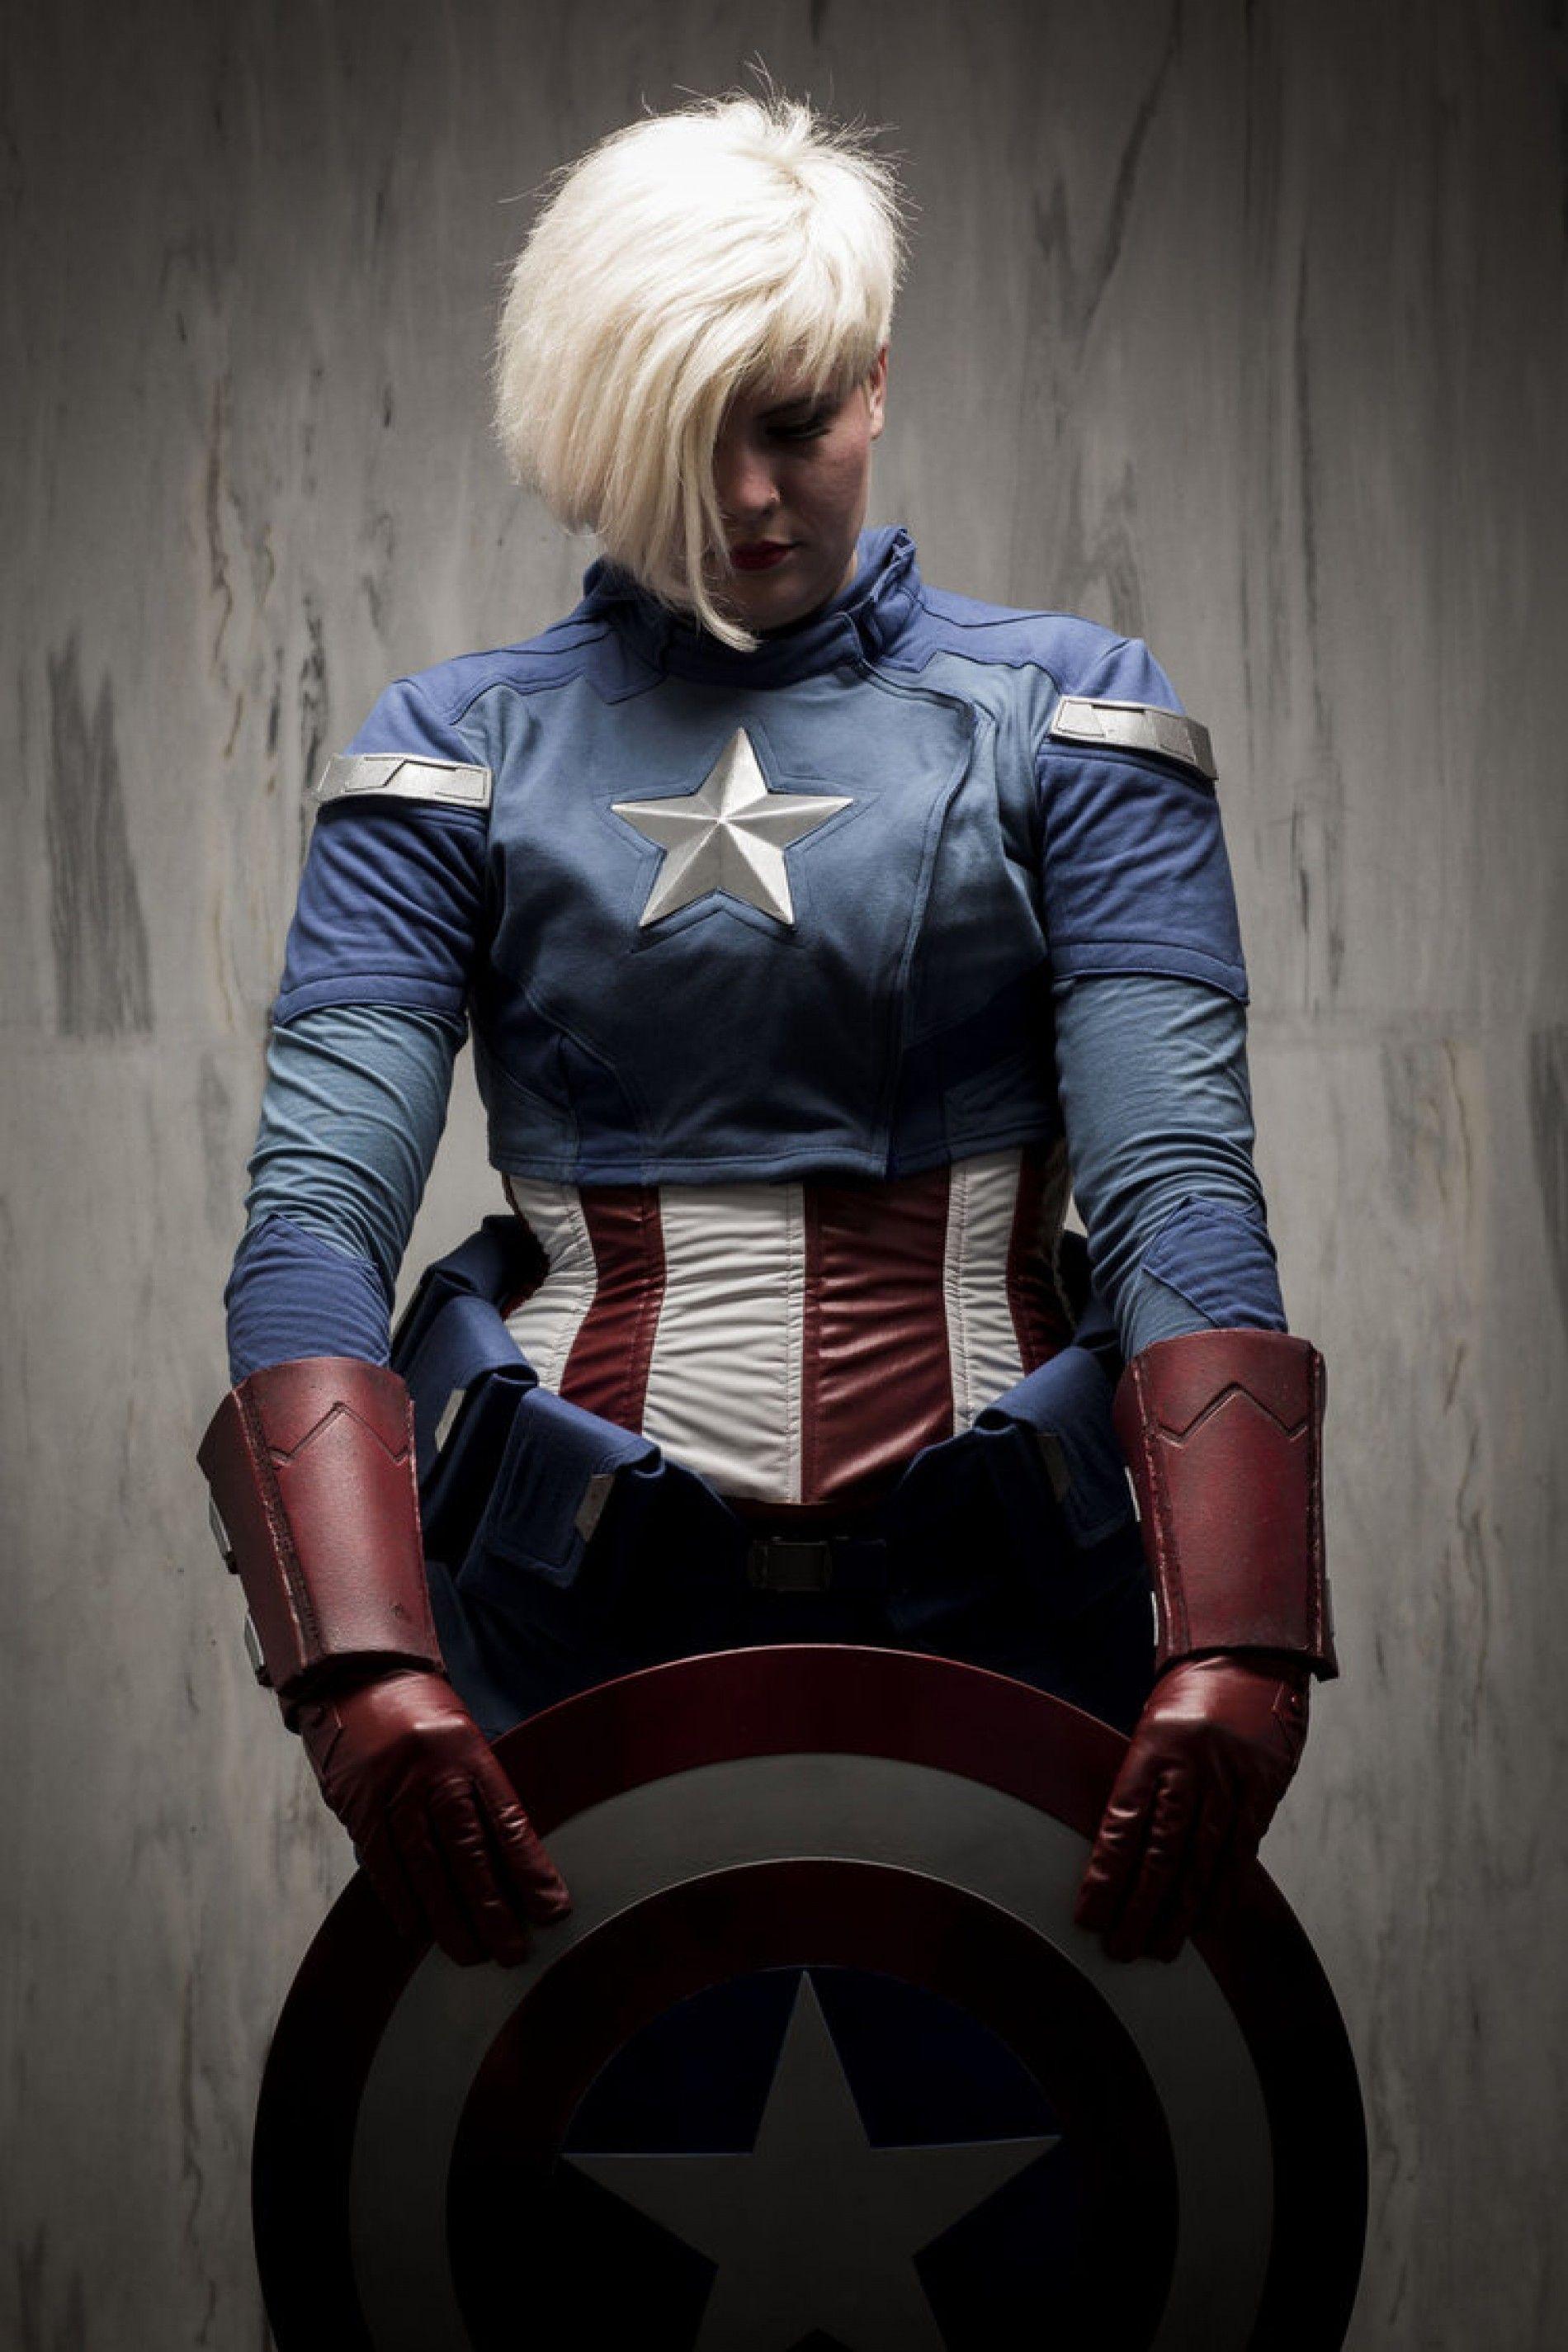 Les meilleurs cosplay de captain america f minin cosplay comics - Captain america fille ...